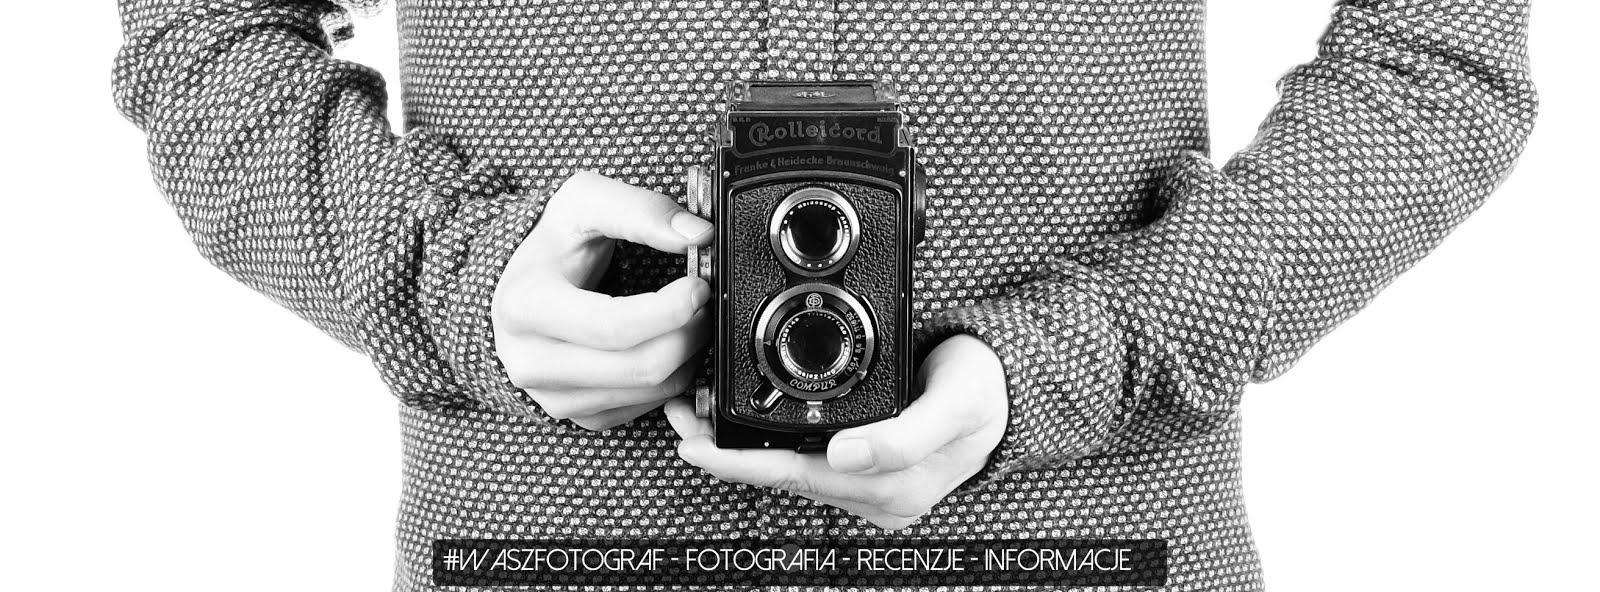 Waszfotograf  - Fotografia - Recenzje - Informacje